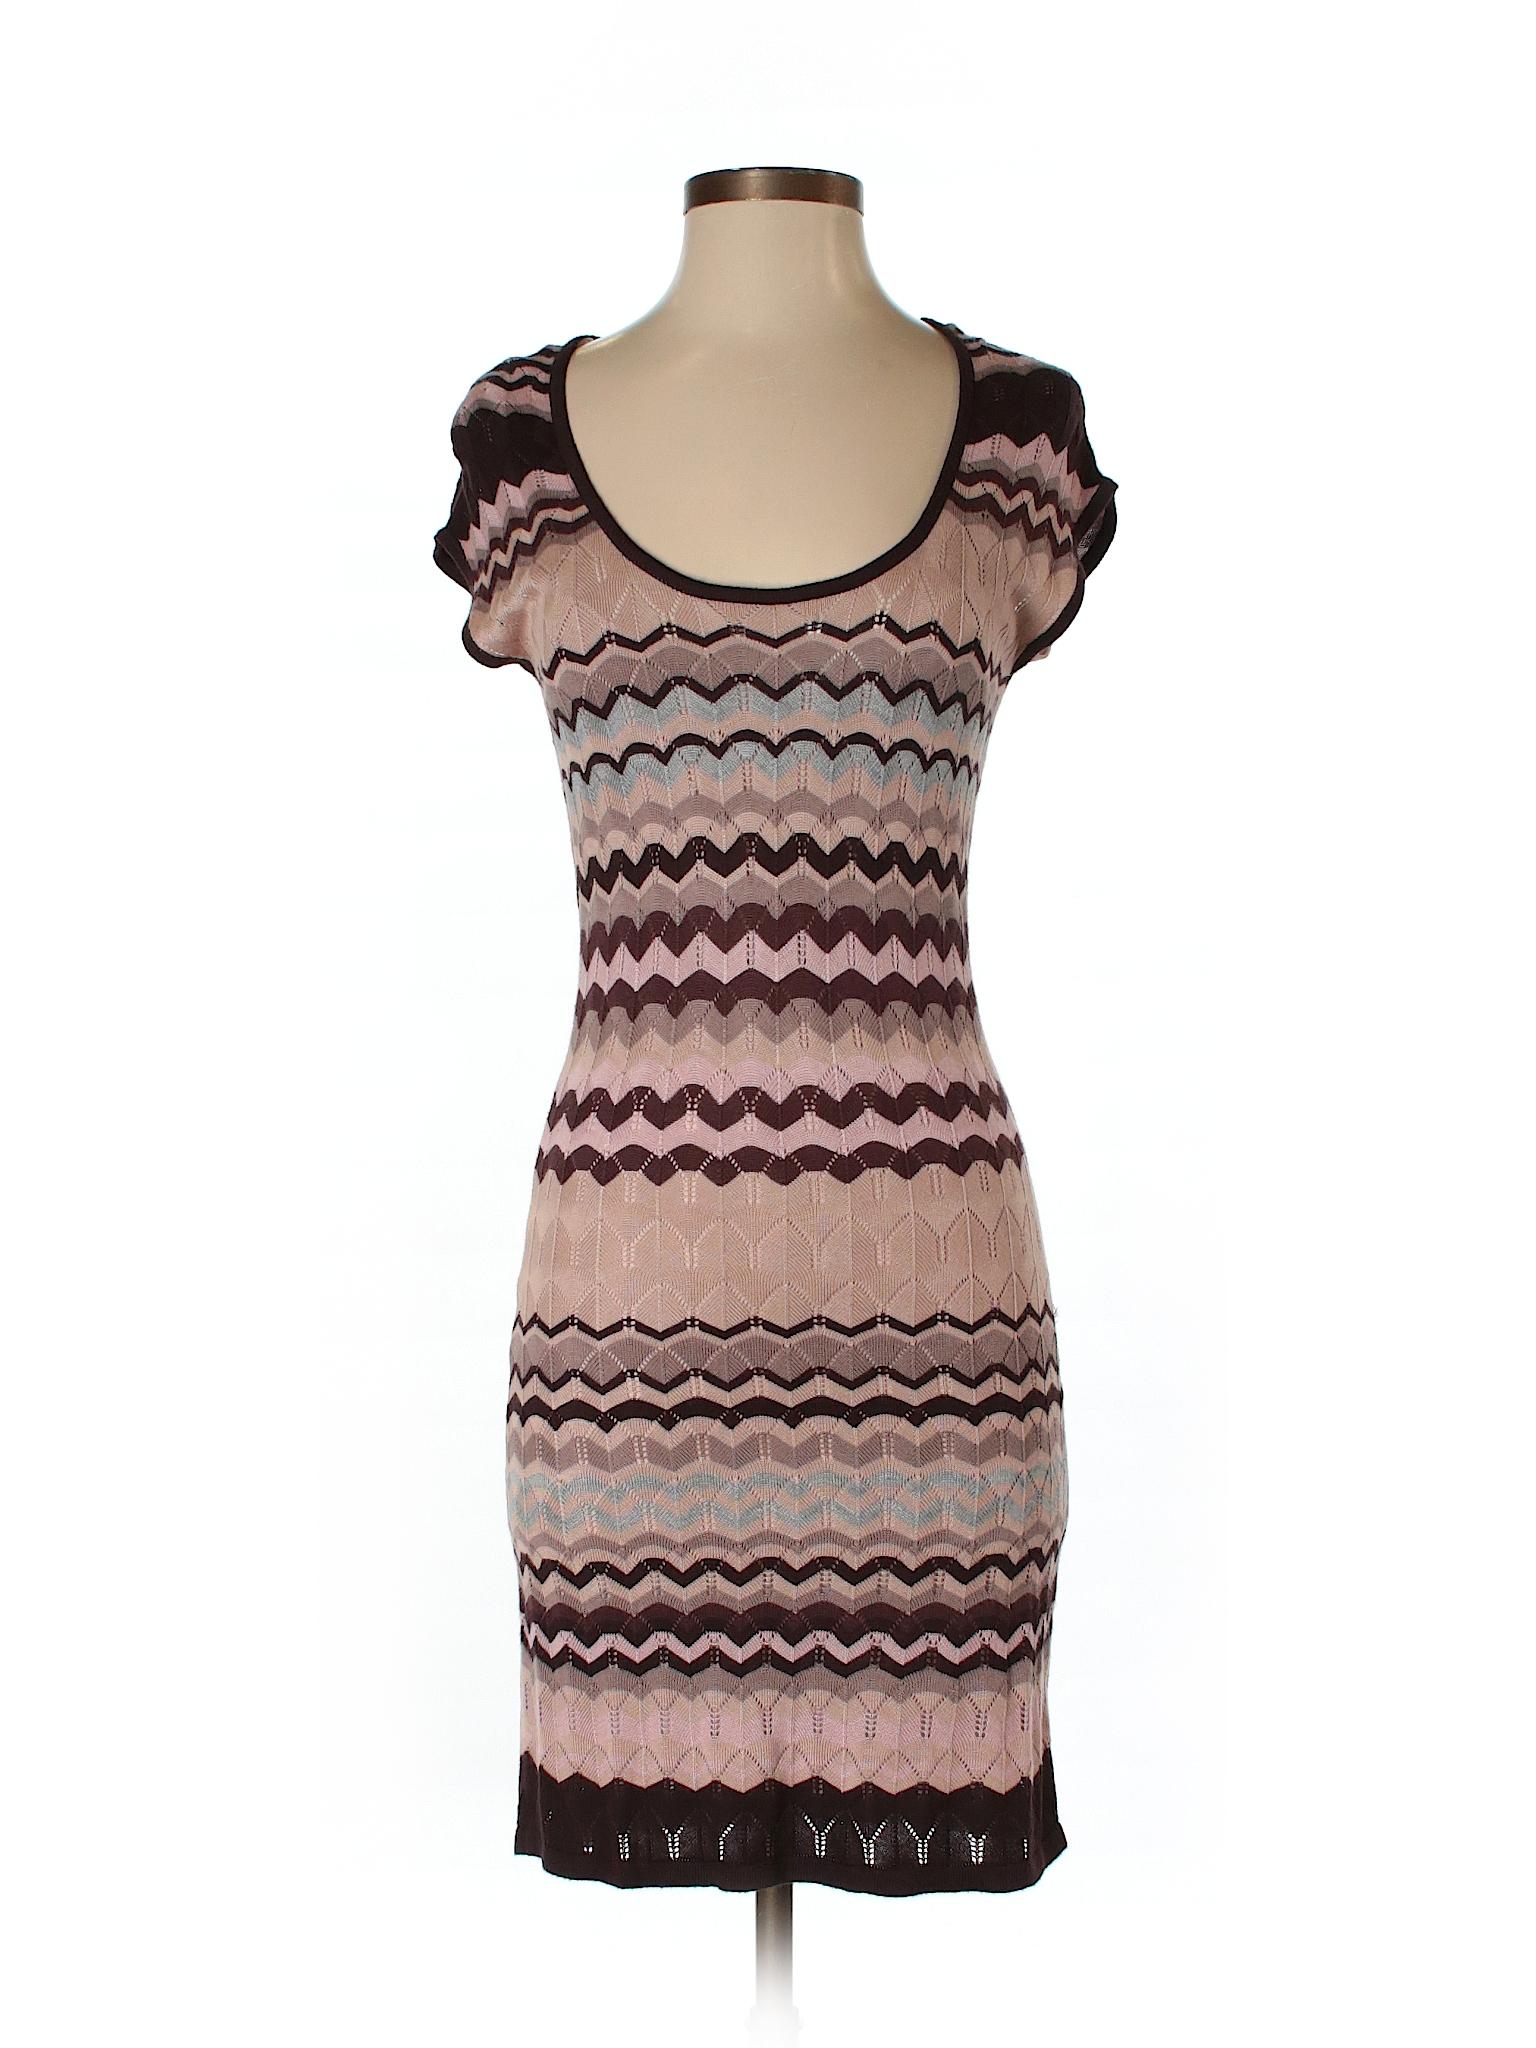 Forever Forever Forever Casual Selling 21 Selling Dress Casual Dress Selling Dress 21 Forever 21 Casual Selling xraqwn6r